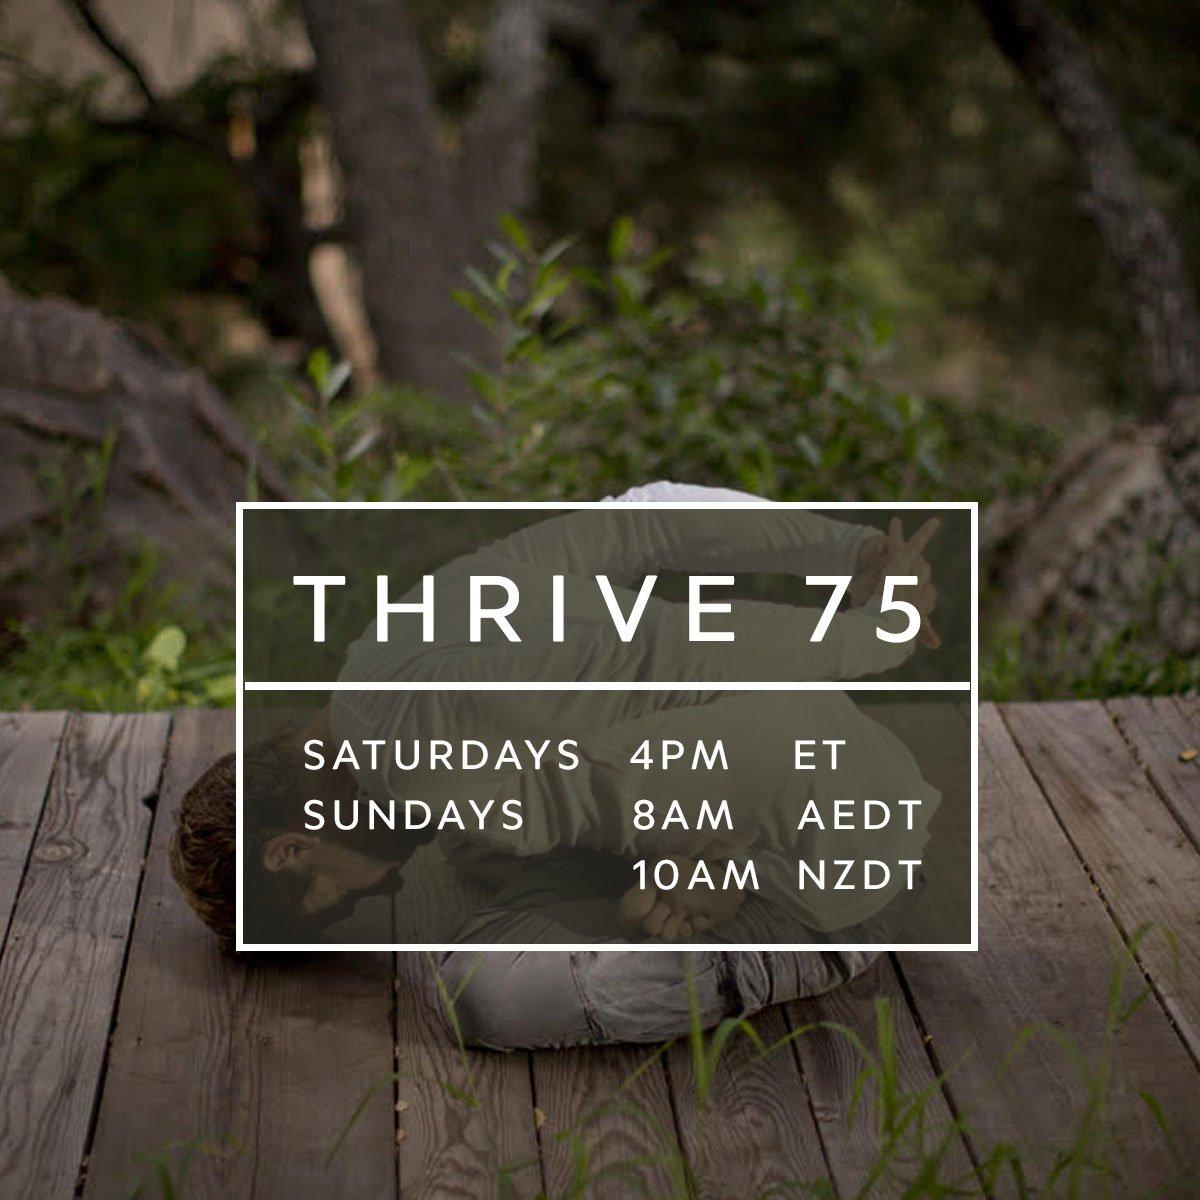 thrive_75_aussie